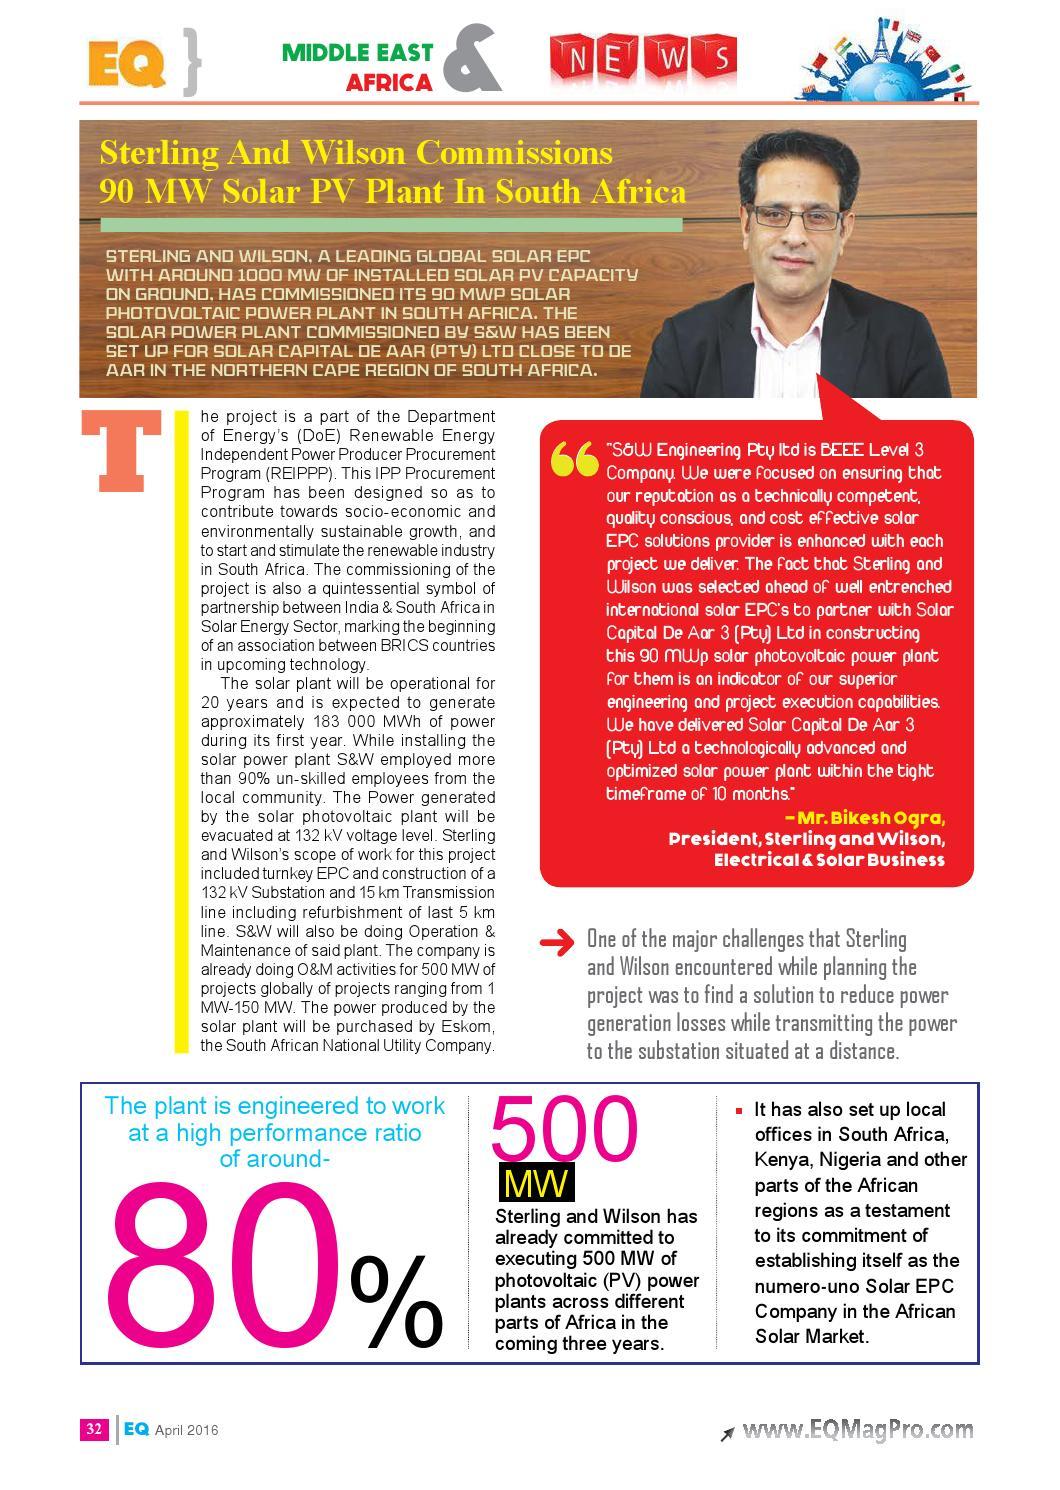 EQ Int'l Magazine April 2016 Edition by EQ Int'l Solar Media